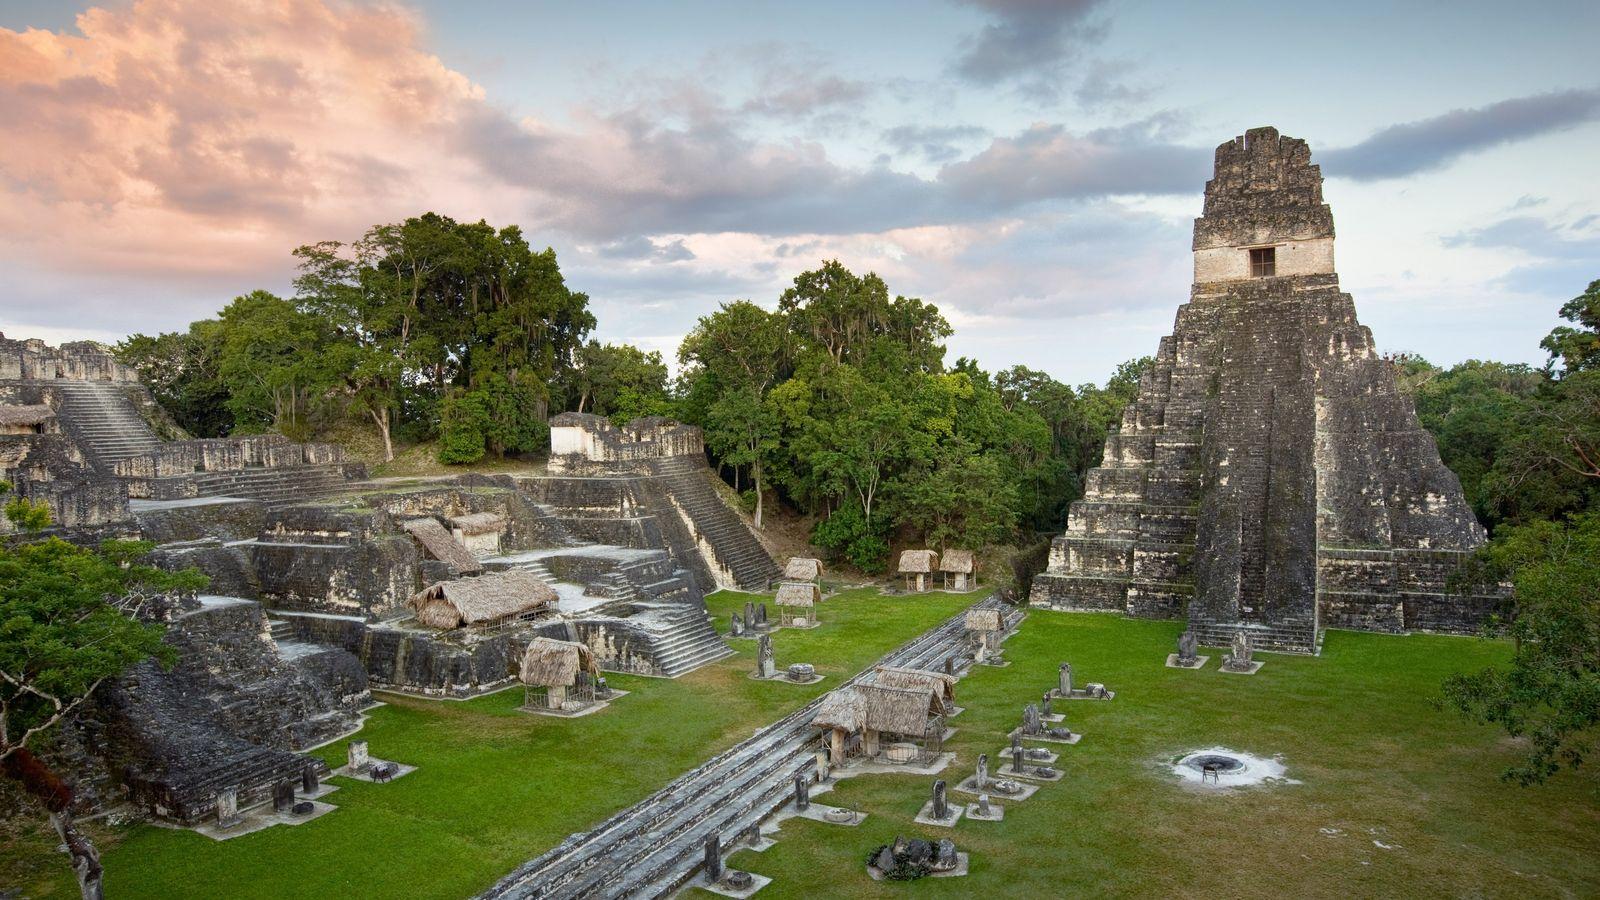 Le temple du grand jaguar, situé au centre de l'ancienne cité-État de Tikal, dans la région ...